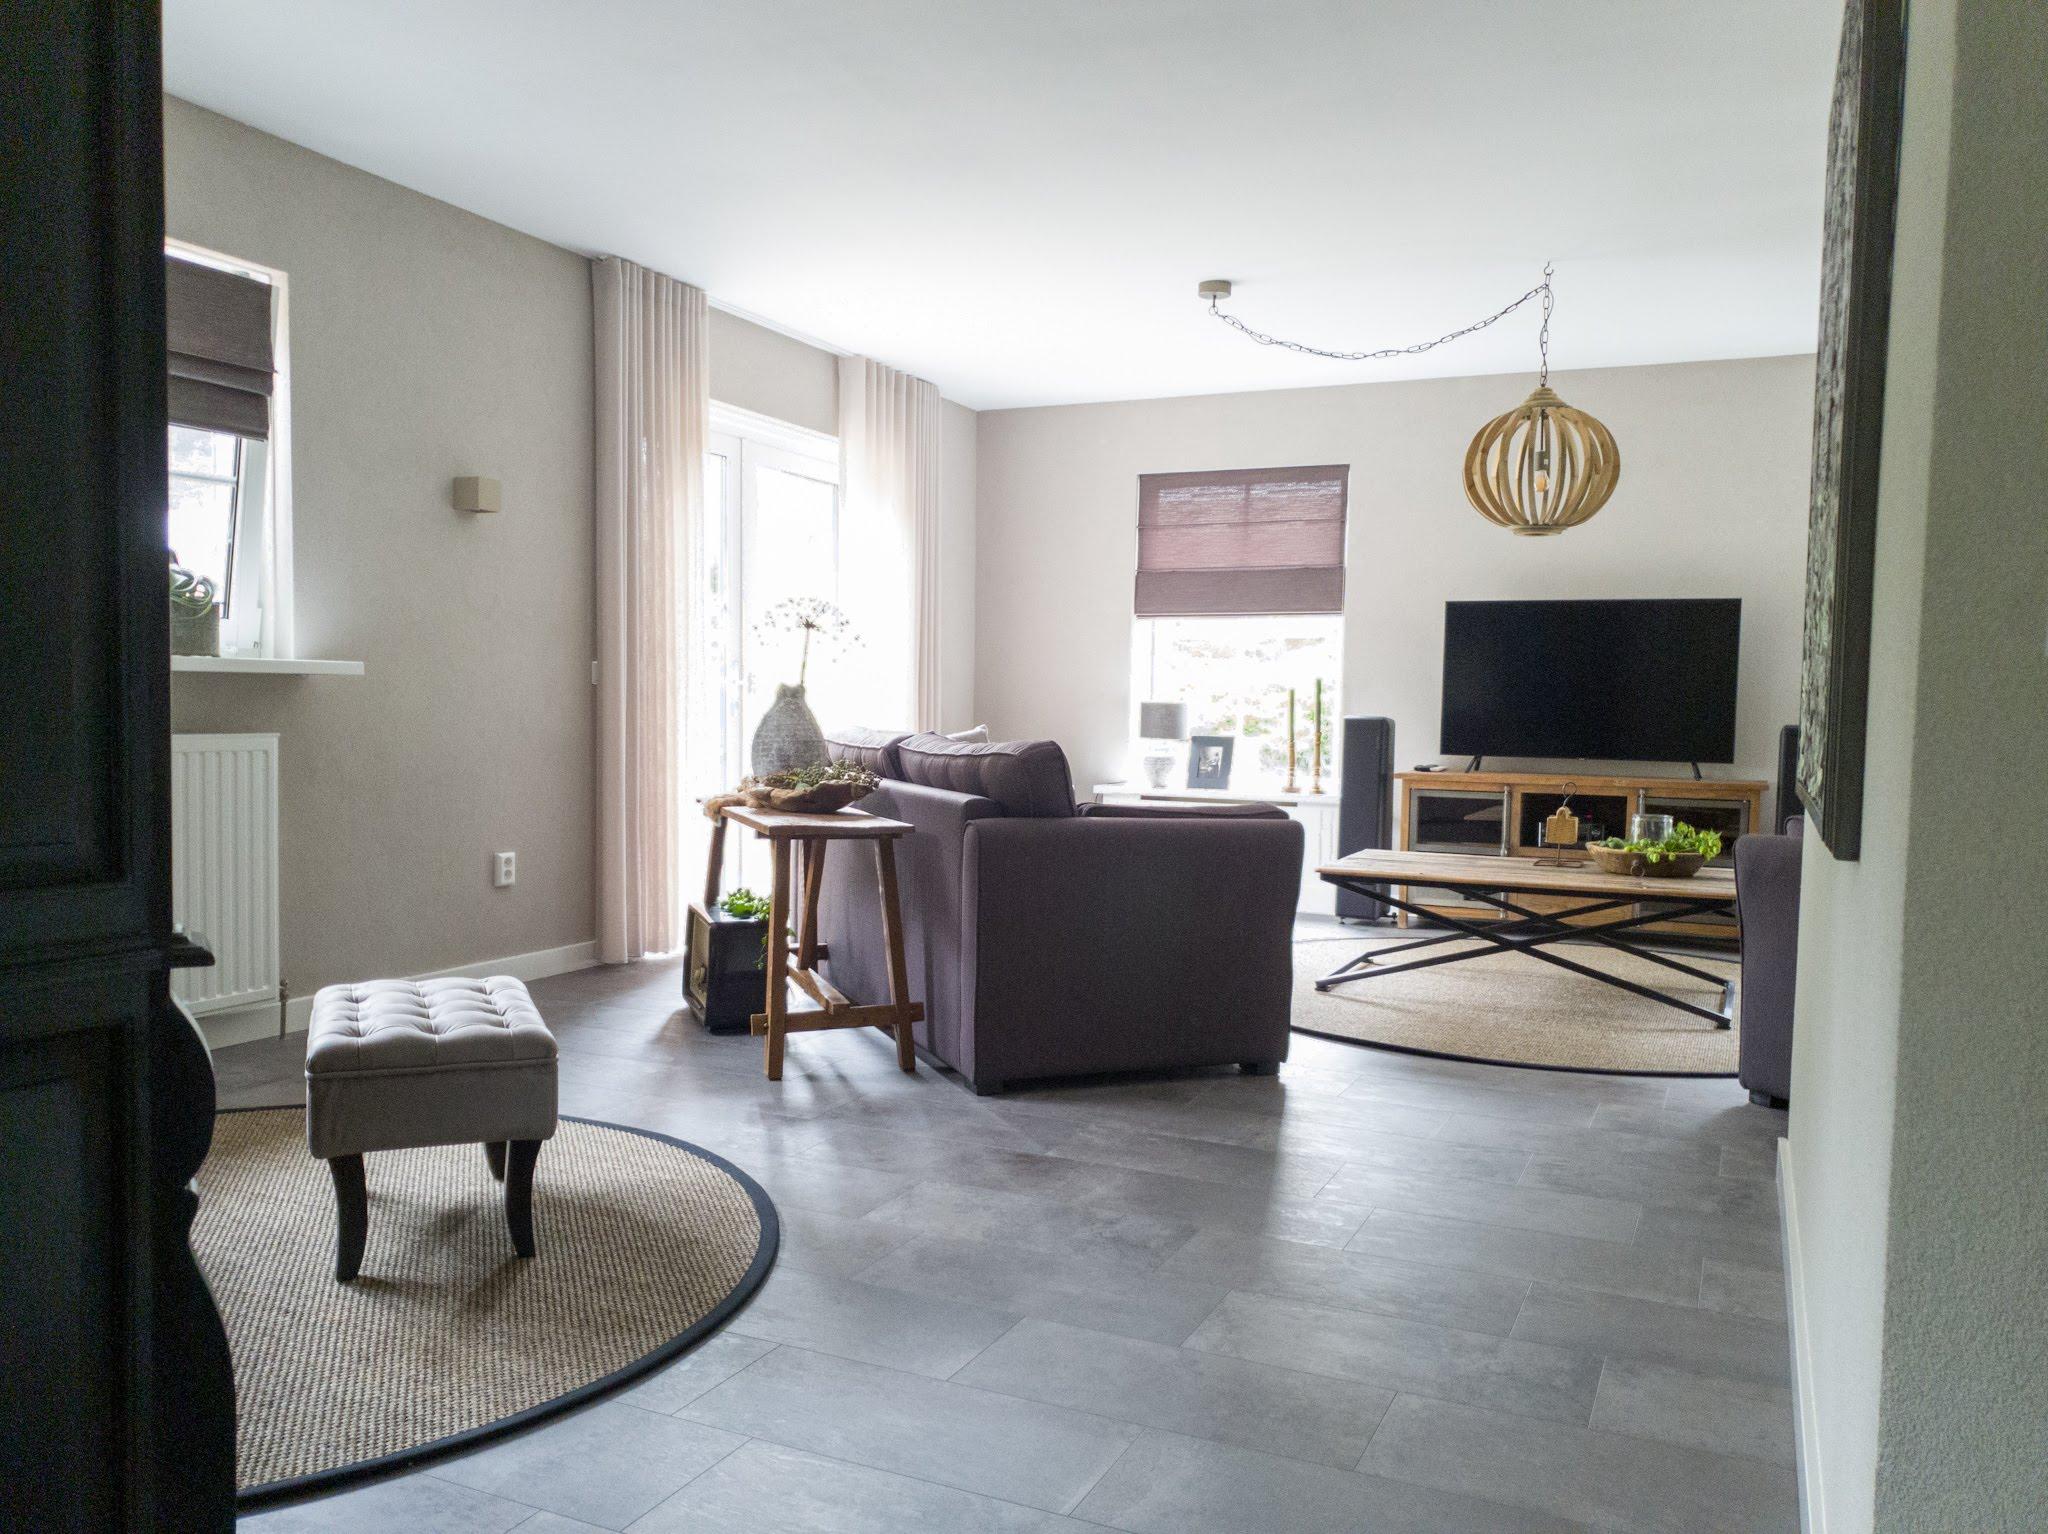 Landelijke herinrichting woonkamer keuken sandra's interieurstyling (8)